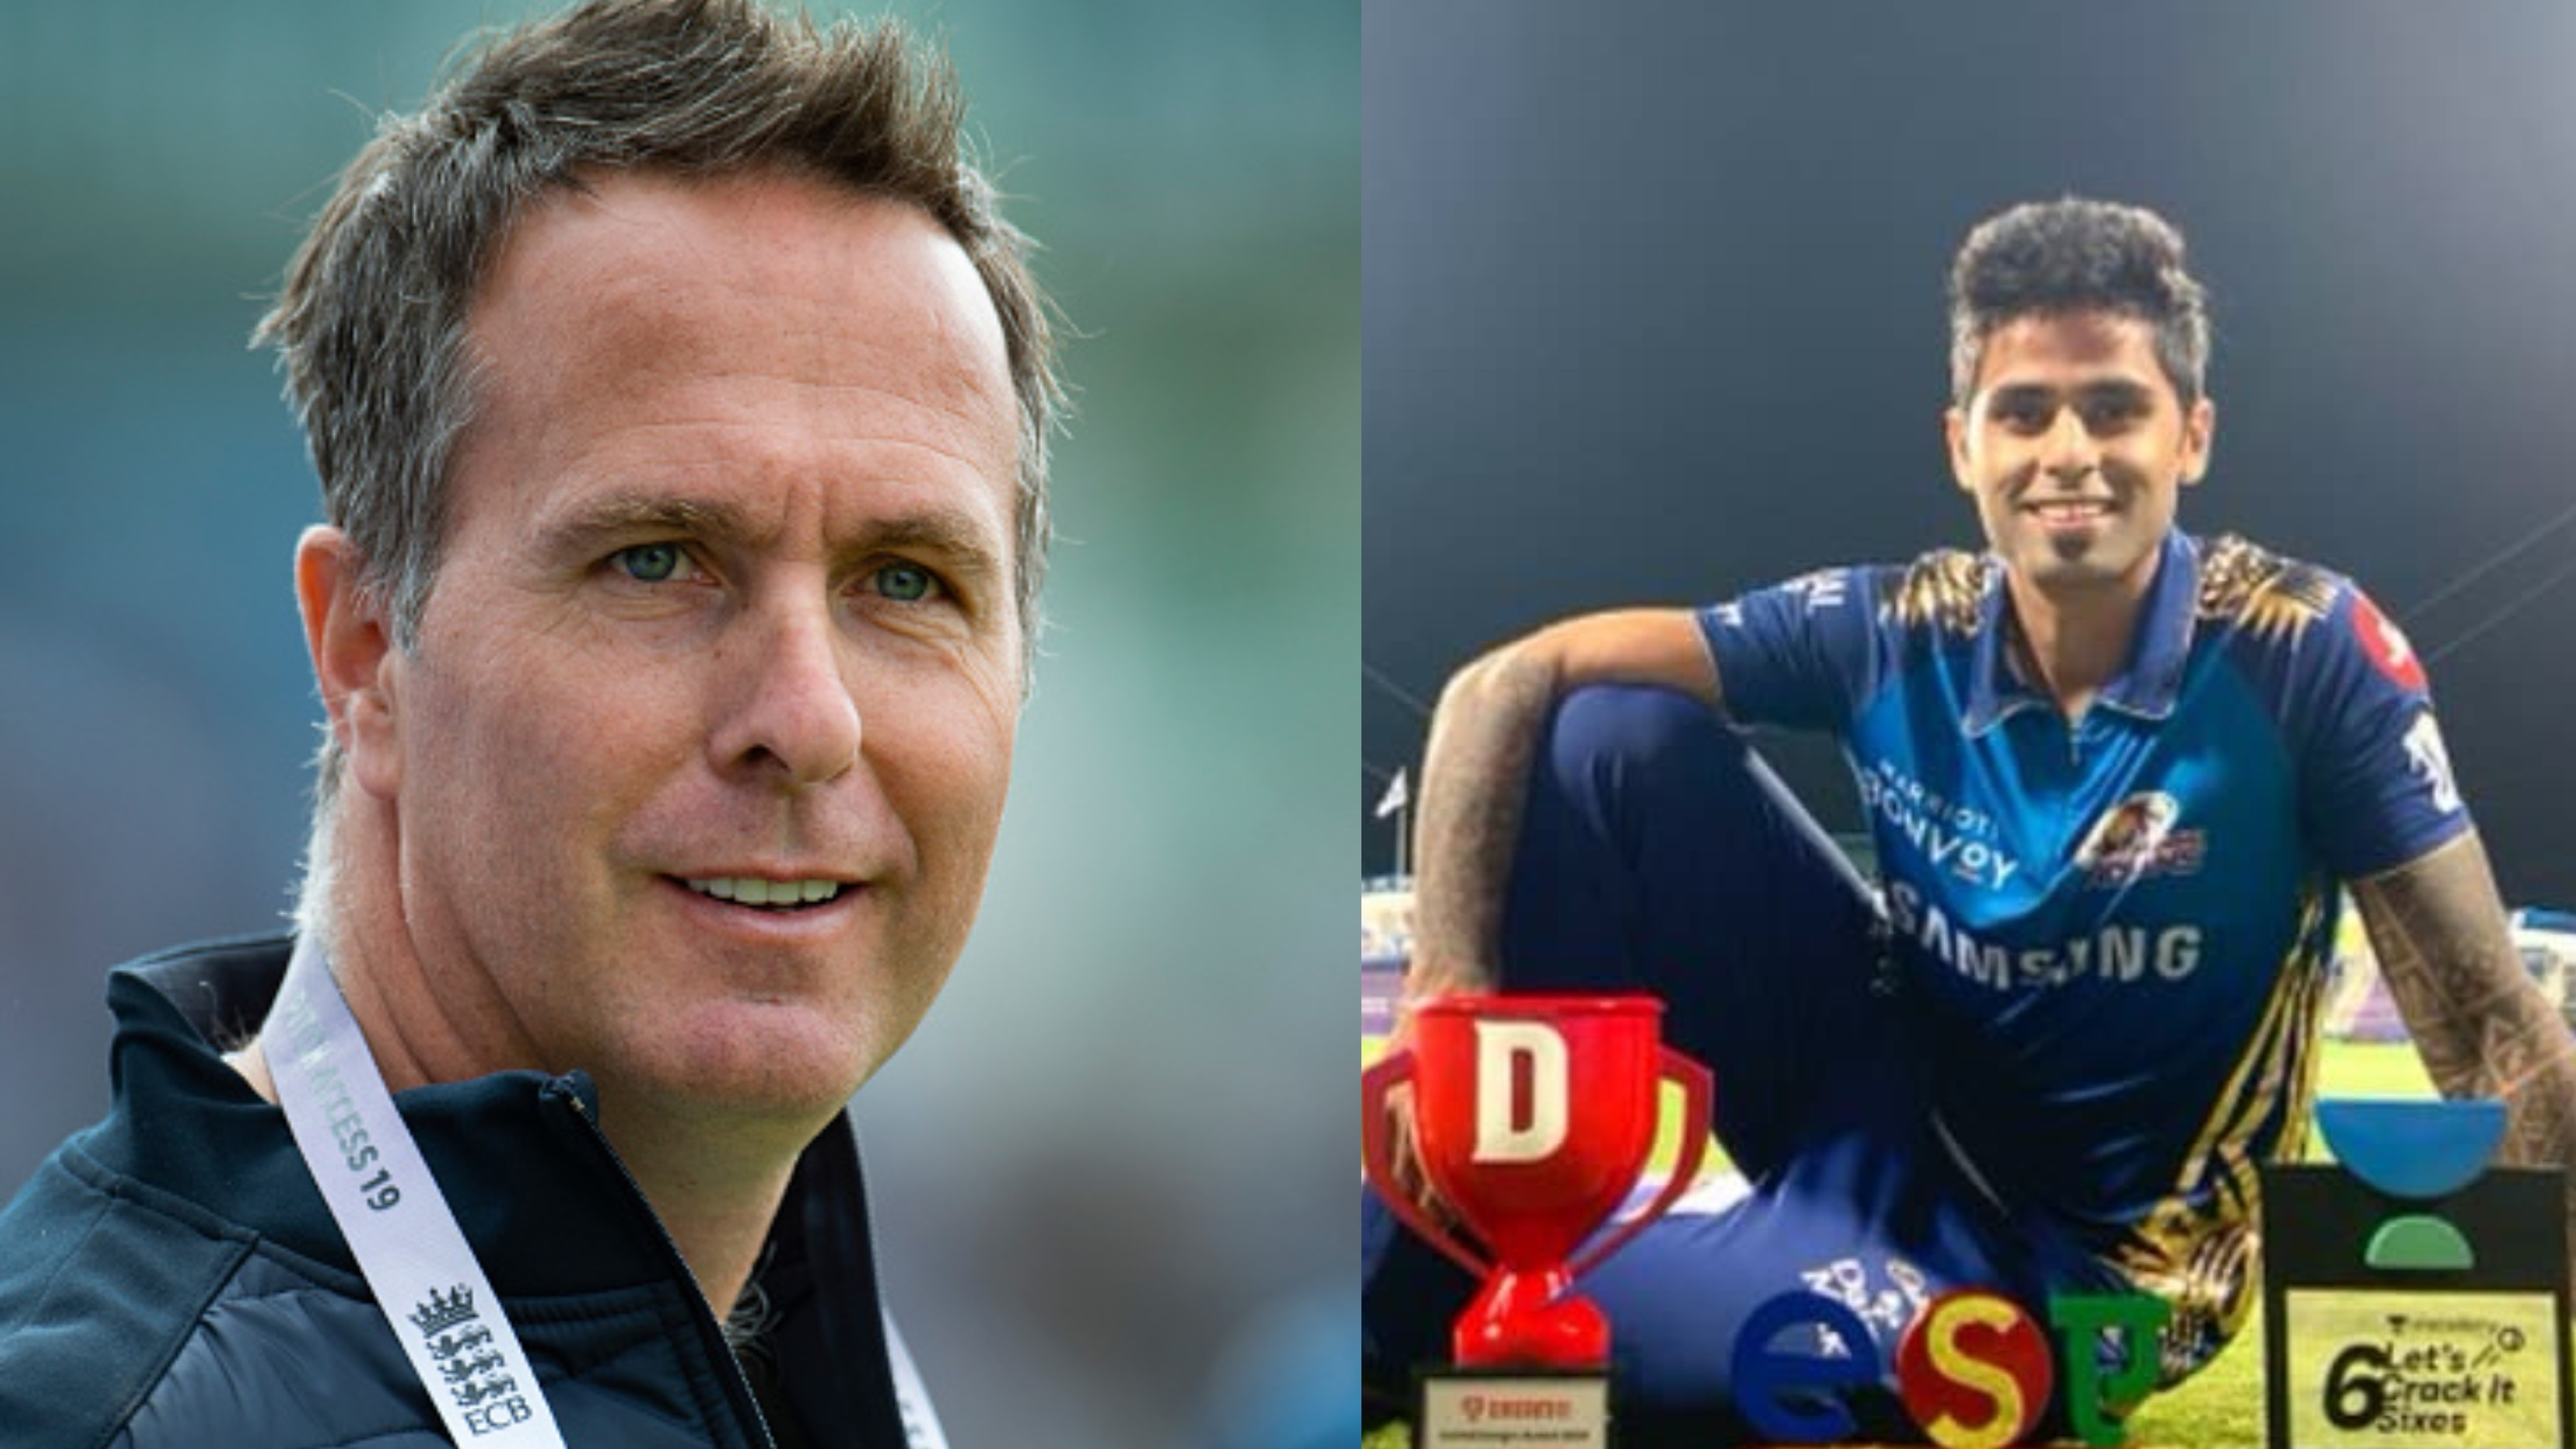 IPL 2020: Michael Vaughan rates Suryakumar Yadav as one of the best batsmen against spinners